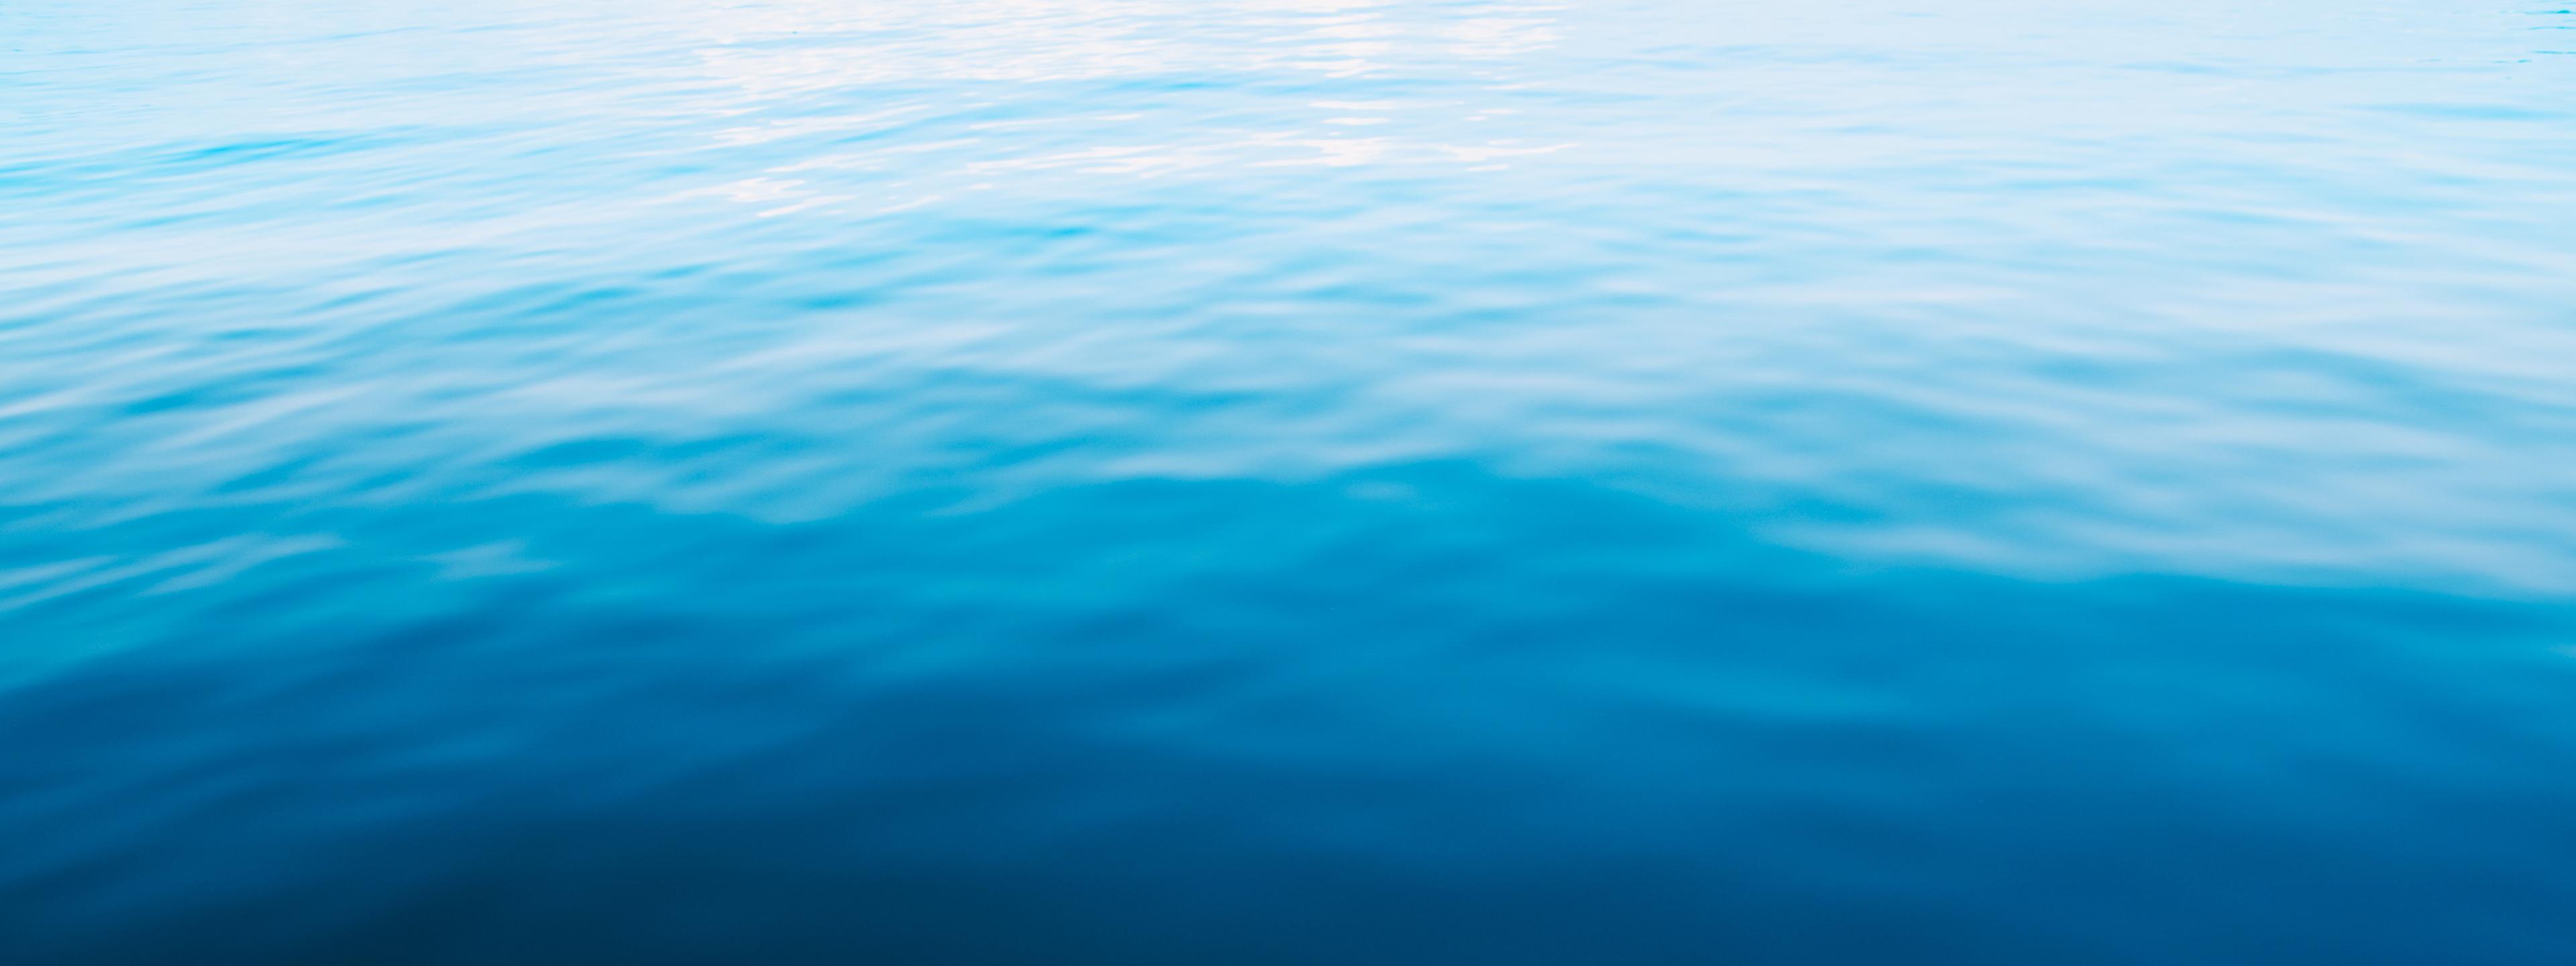 BRITA wizja woda